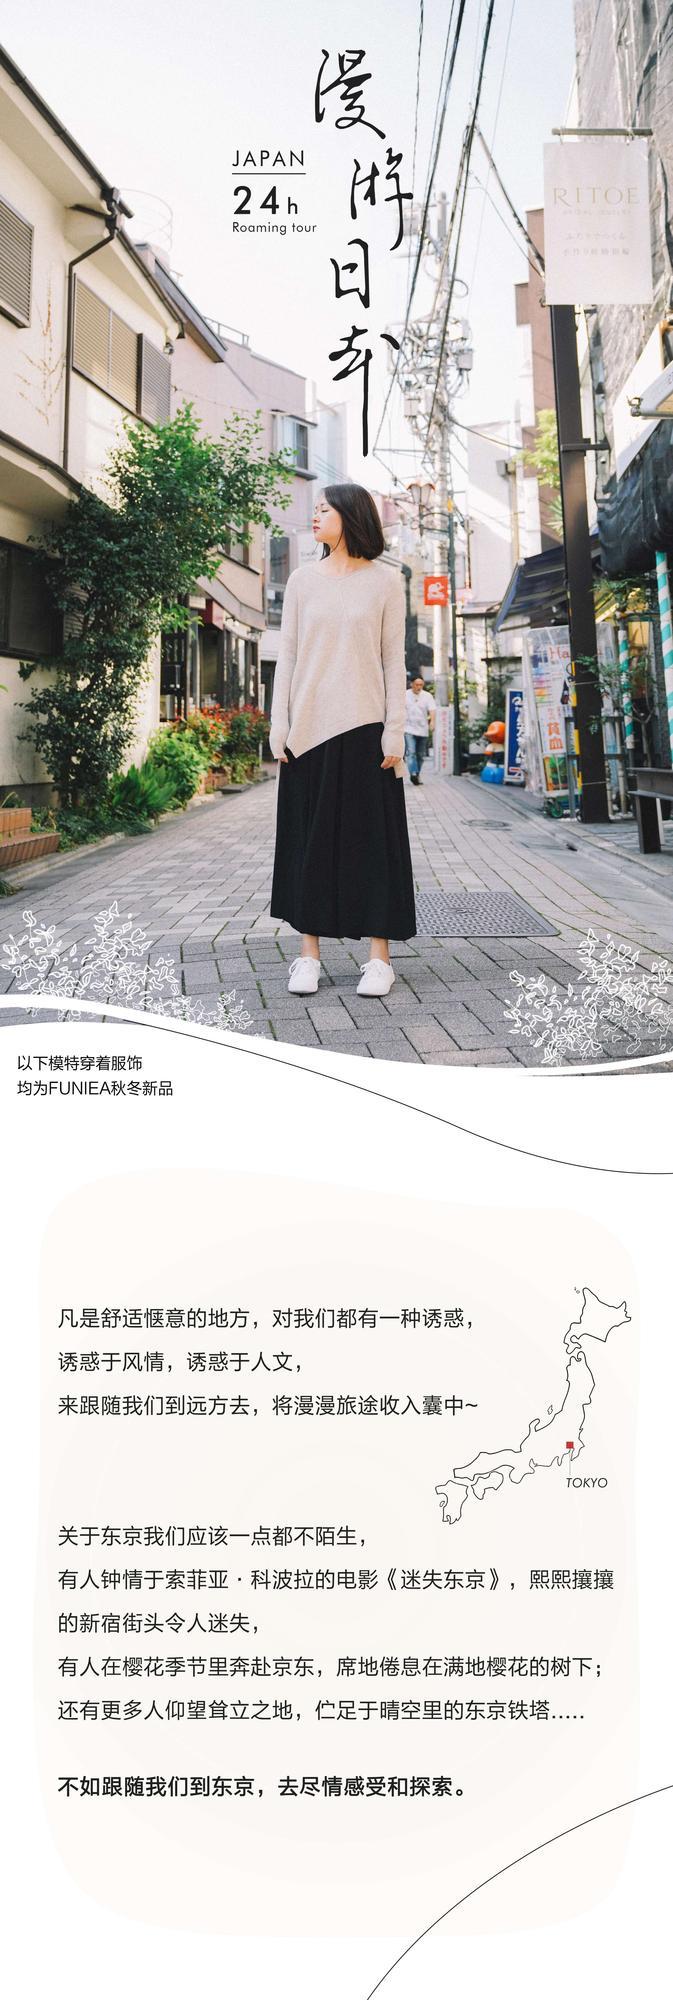 1_01_看圖王_看圖王.jpg